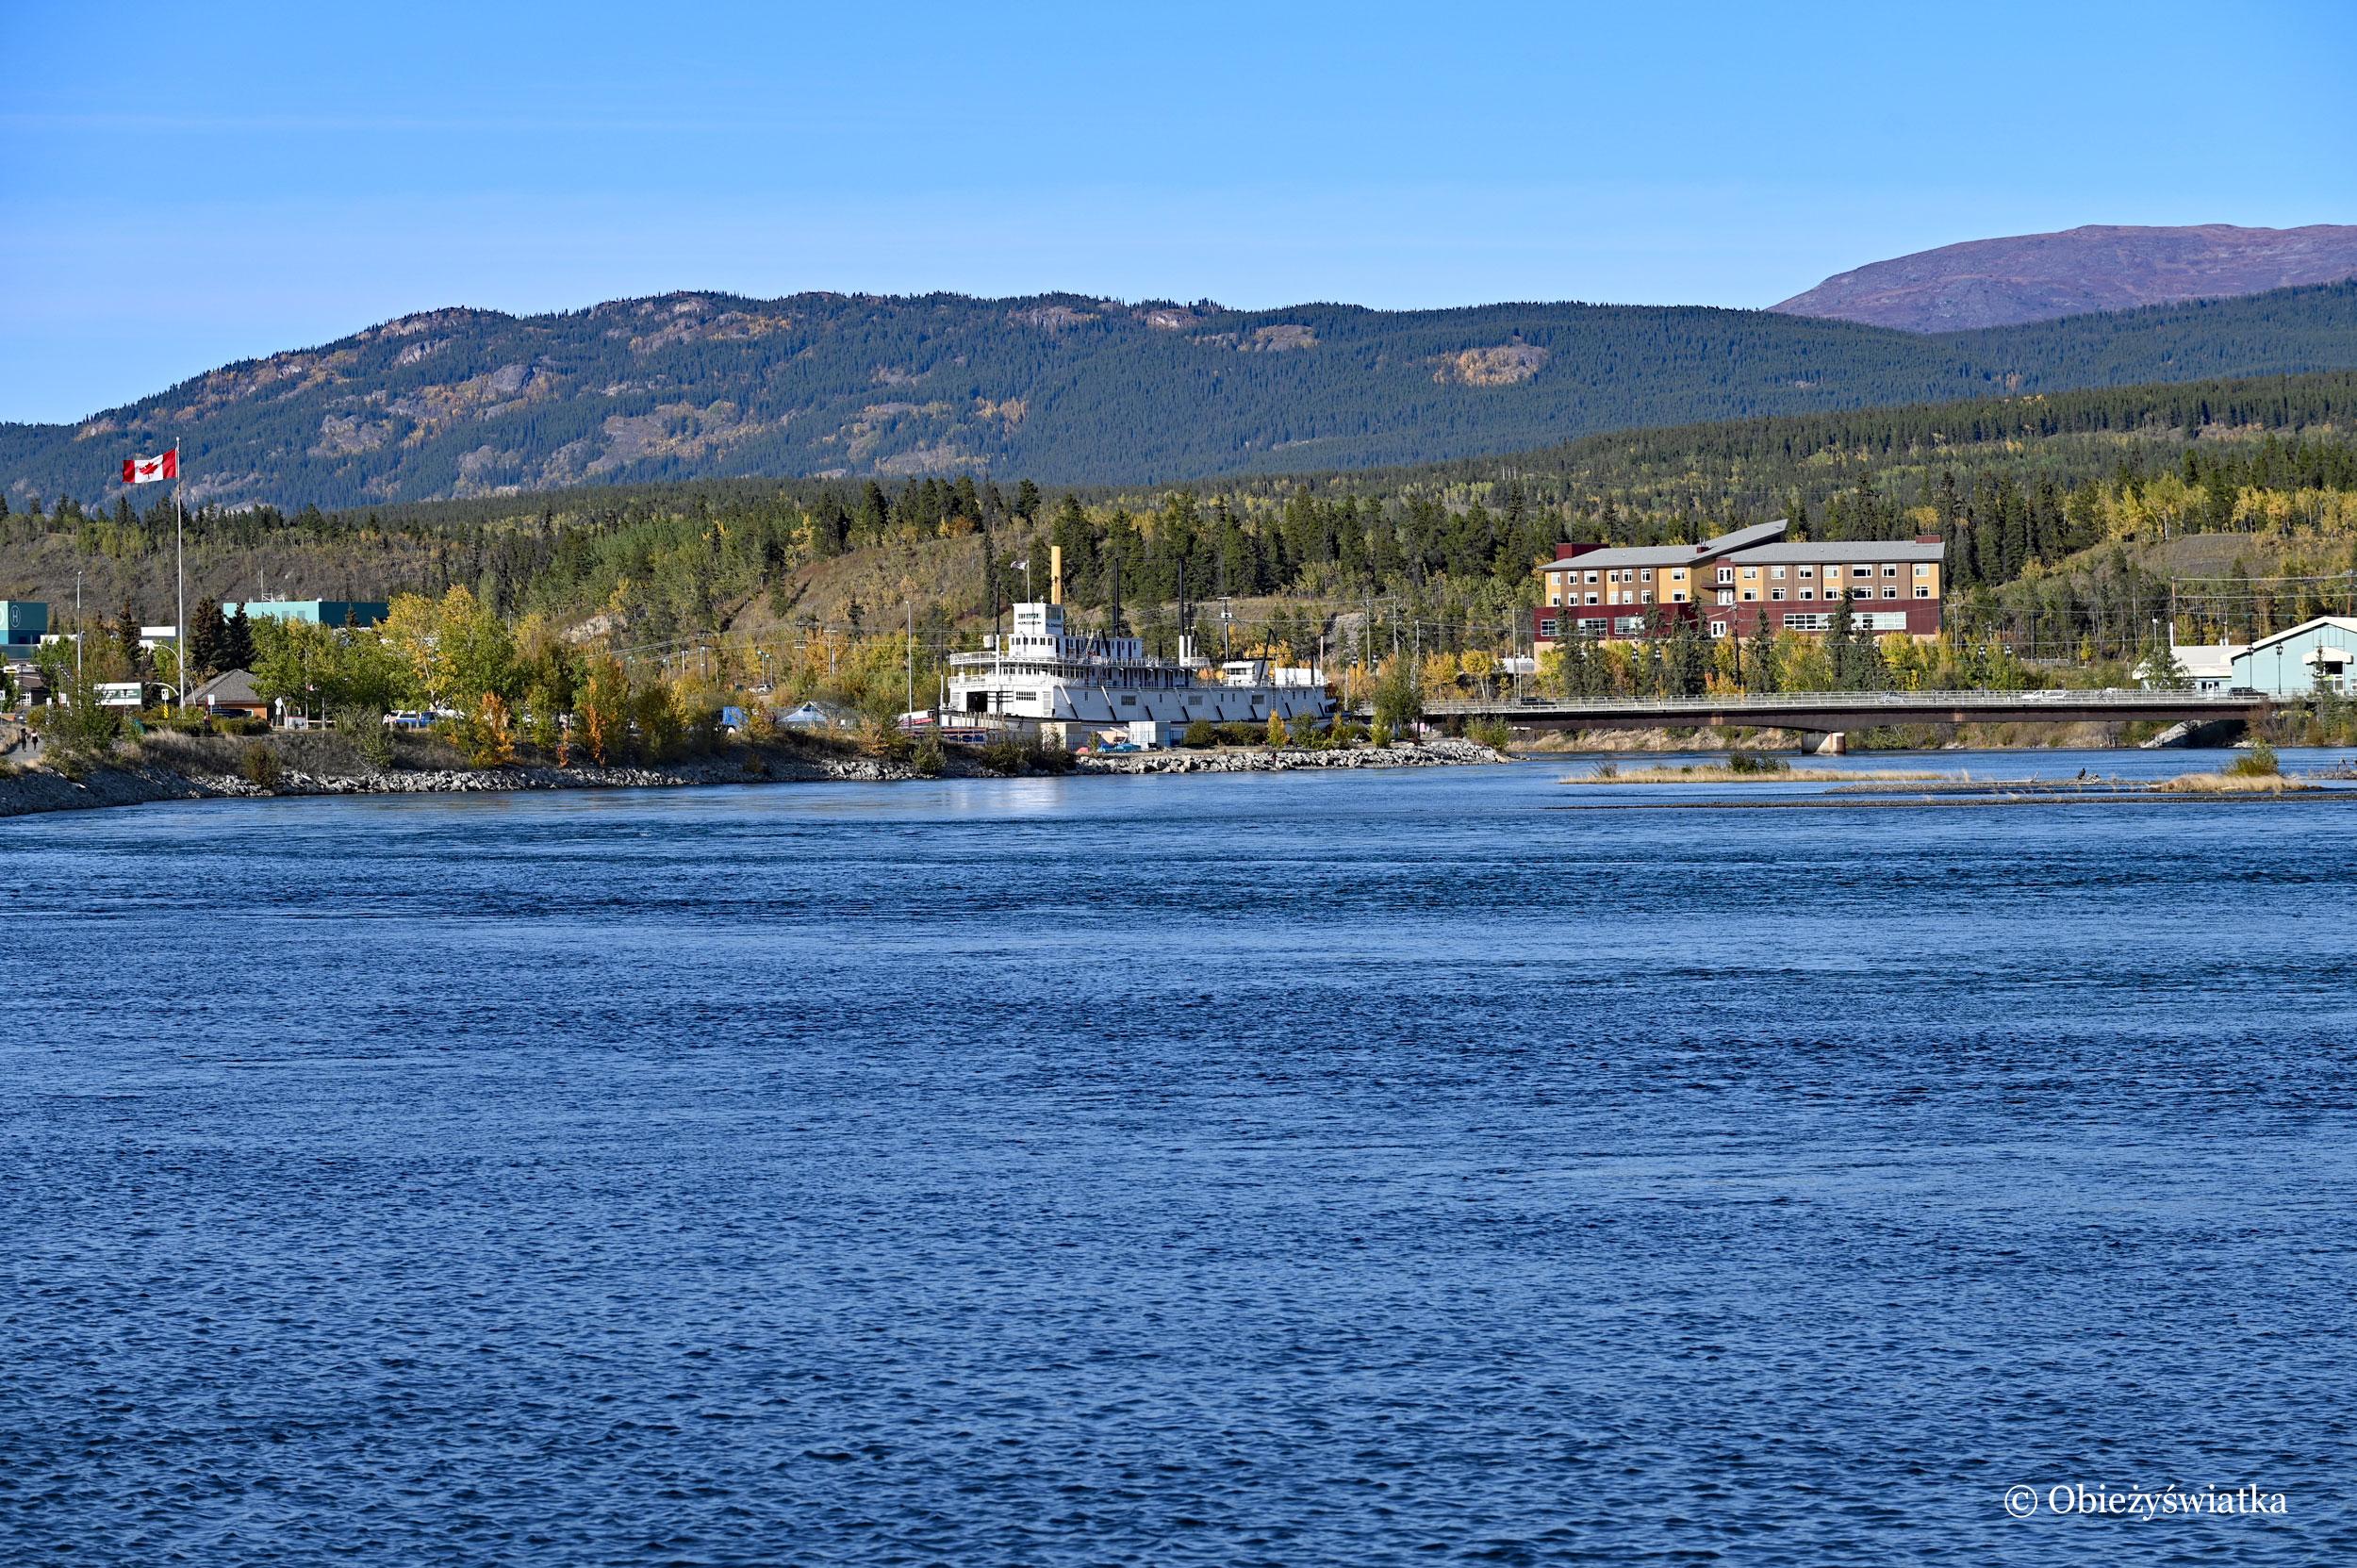 Yukon w mieście Whitehorse, Kanada